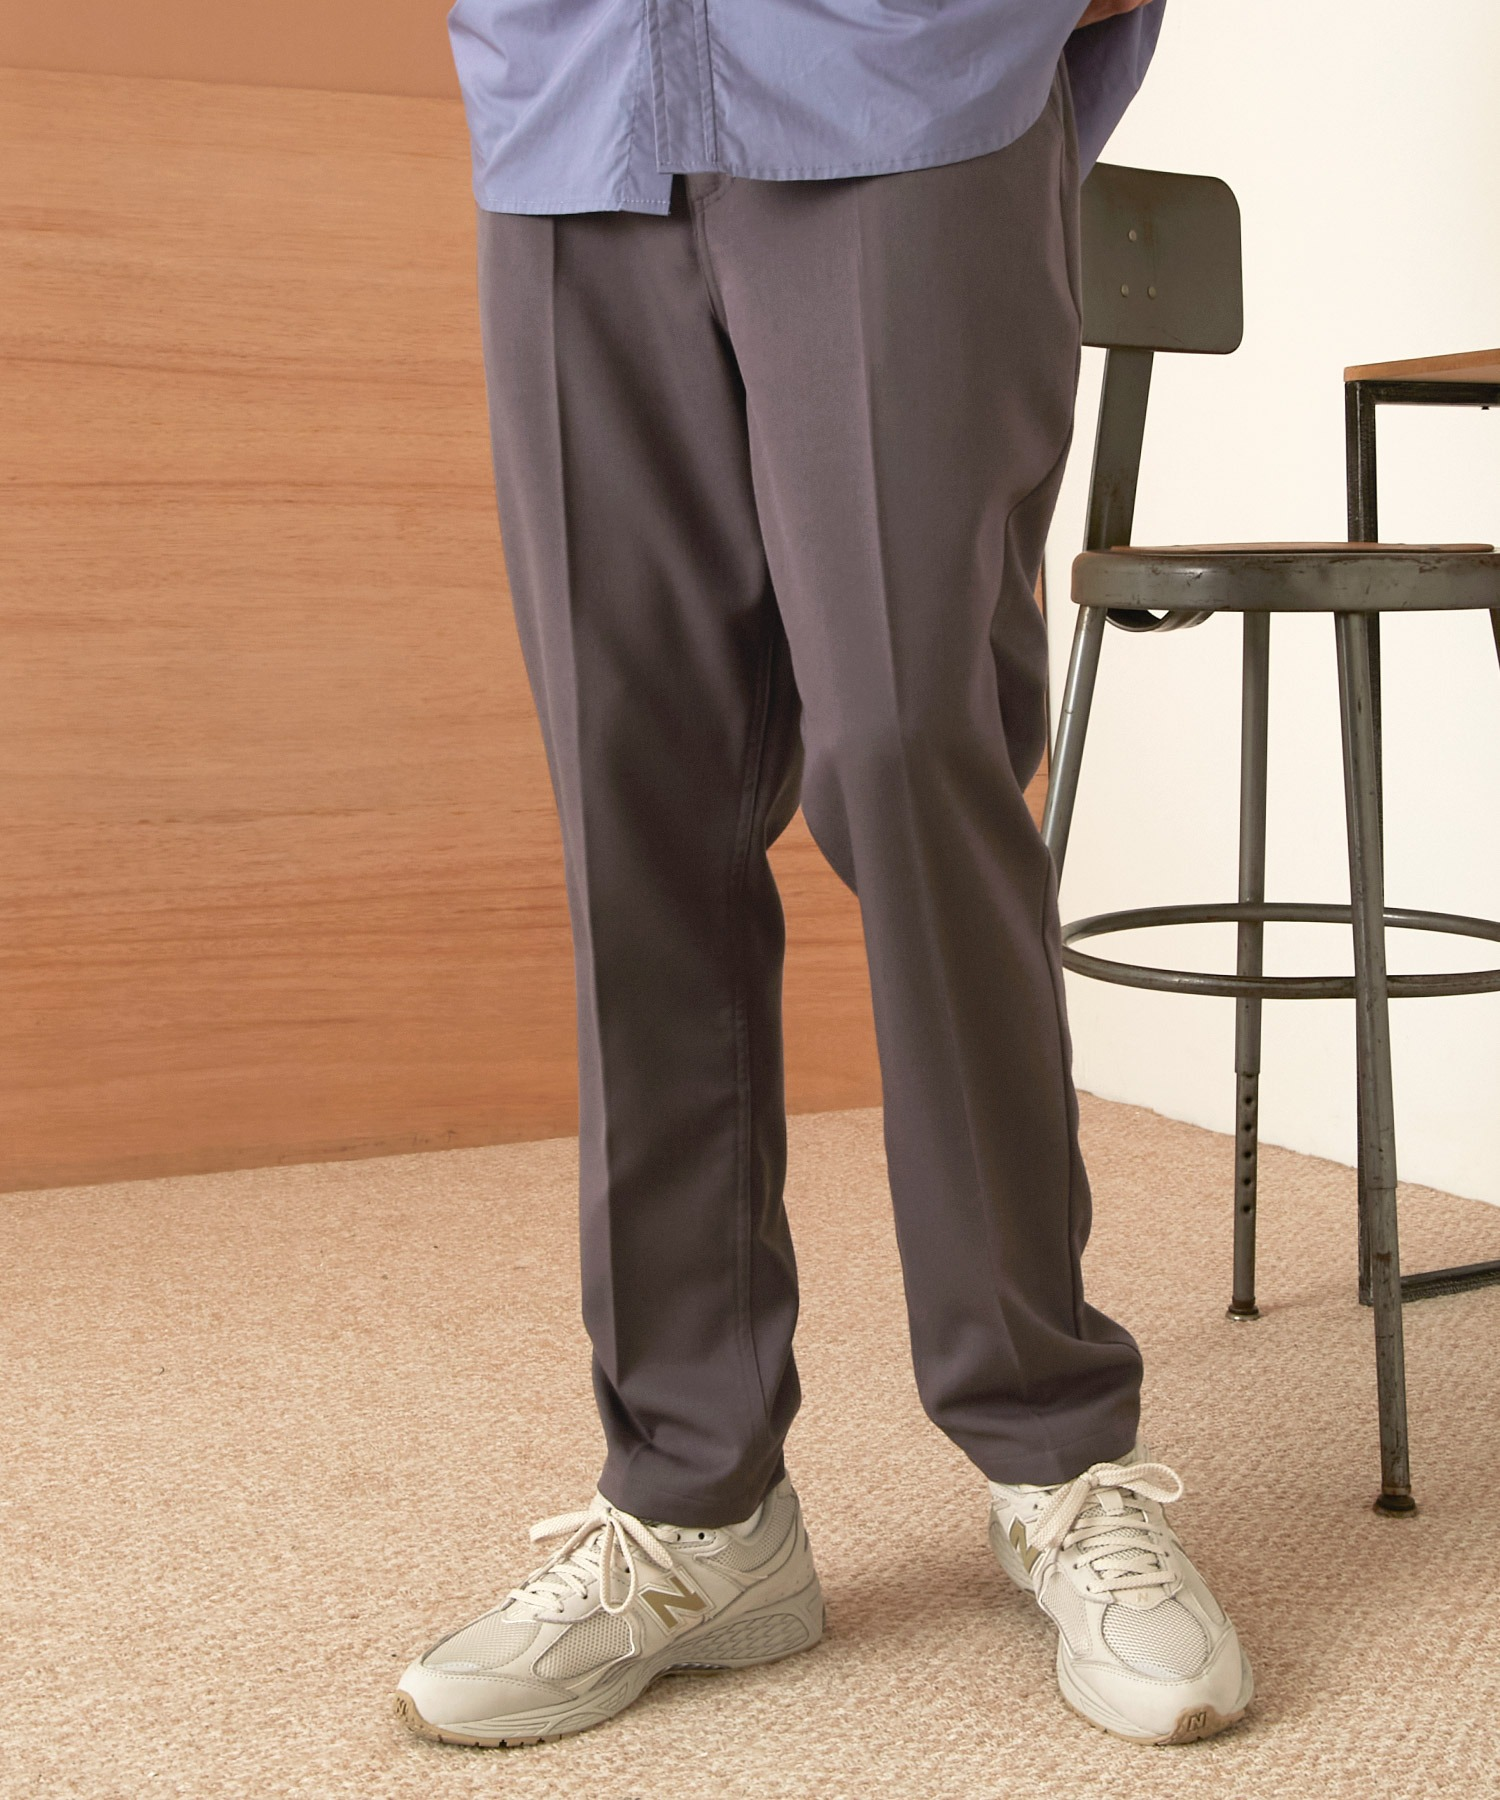 TRストレッチスリムテーパードスラックス EMMA CLOTHES 2021 SPRING